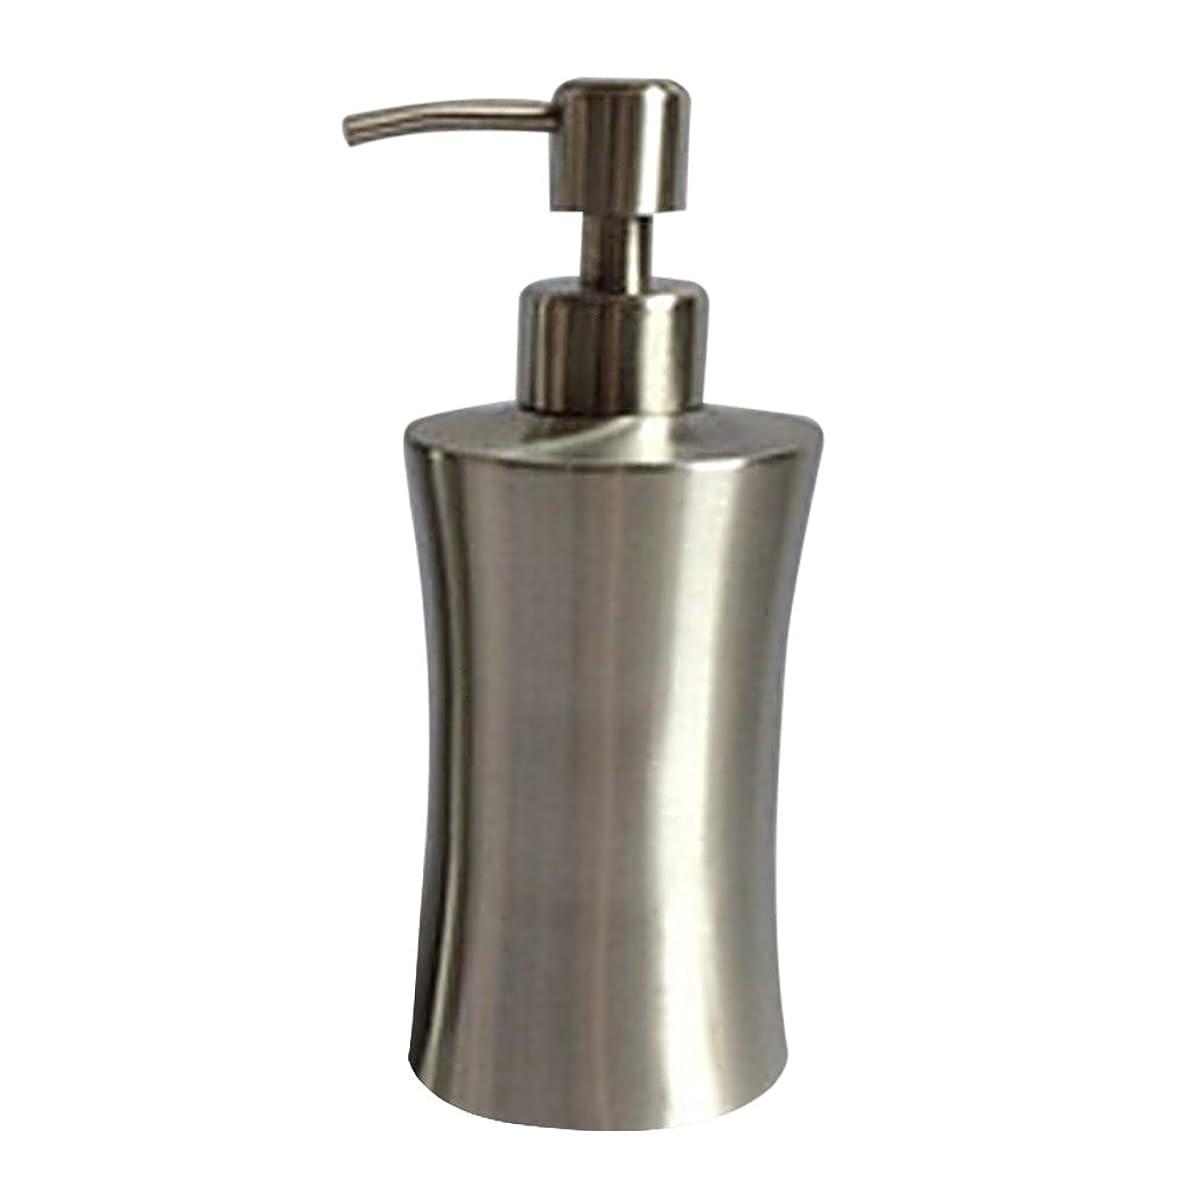 架空の特性シールドディスペンサー ステンレス ボトル 容器 ソープ 石鹸 シャンプー 手洗いボトル 耐久性 錆びない 220ml/250ml/400ml (C:400ml)